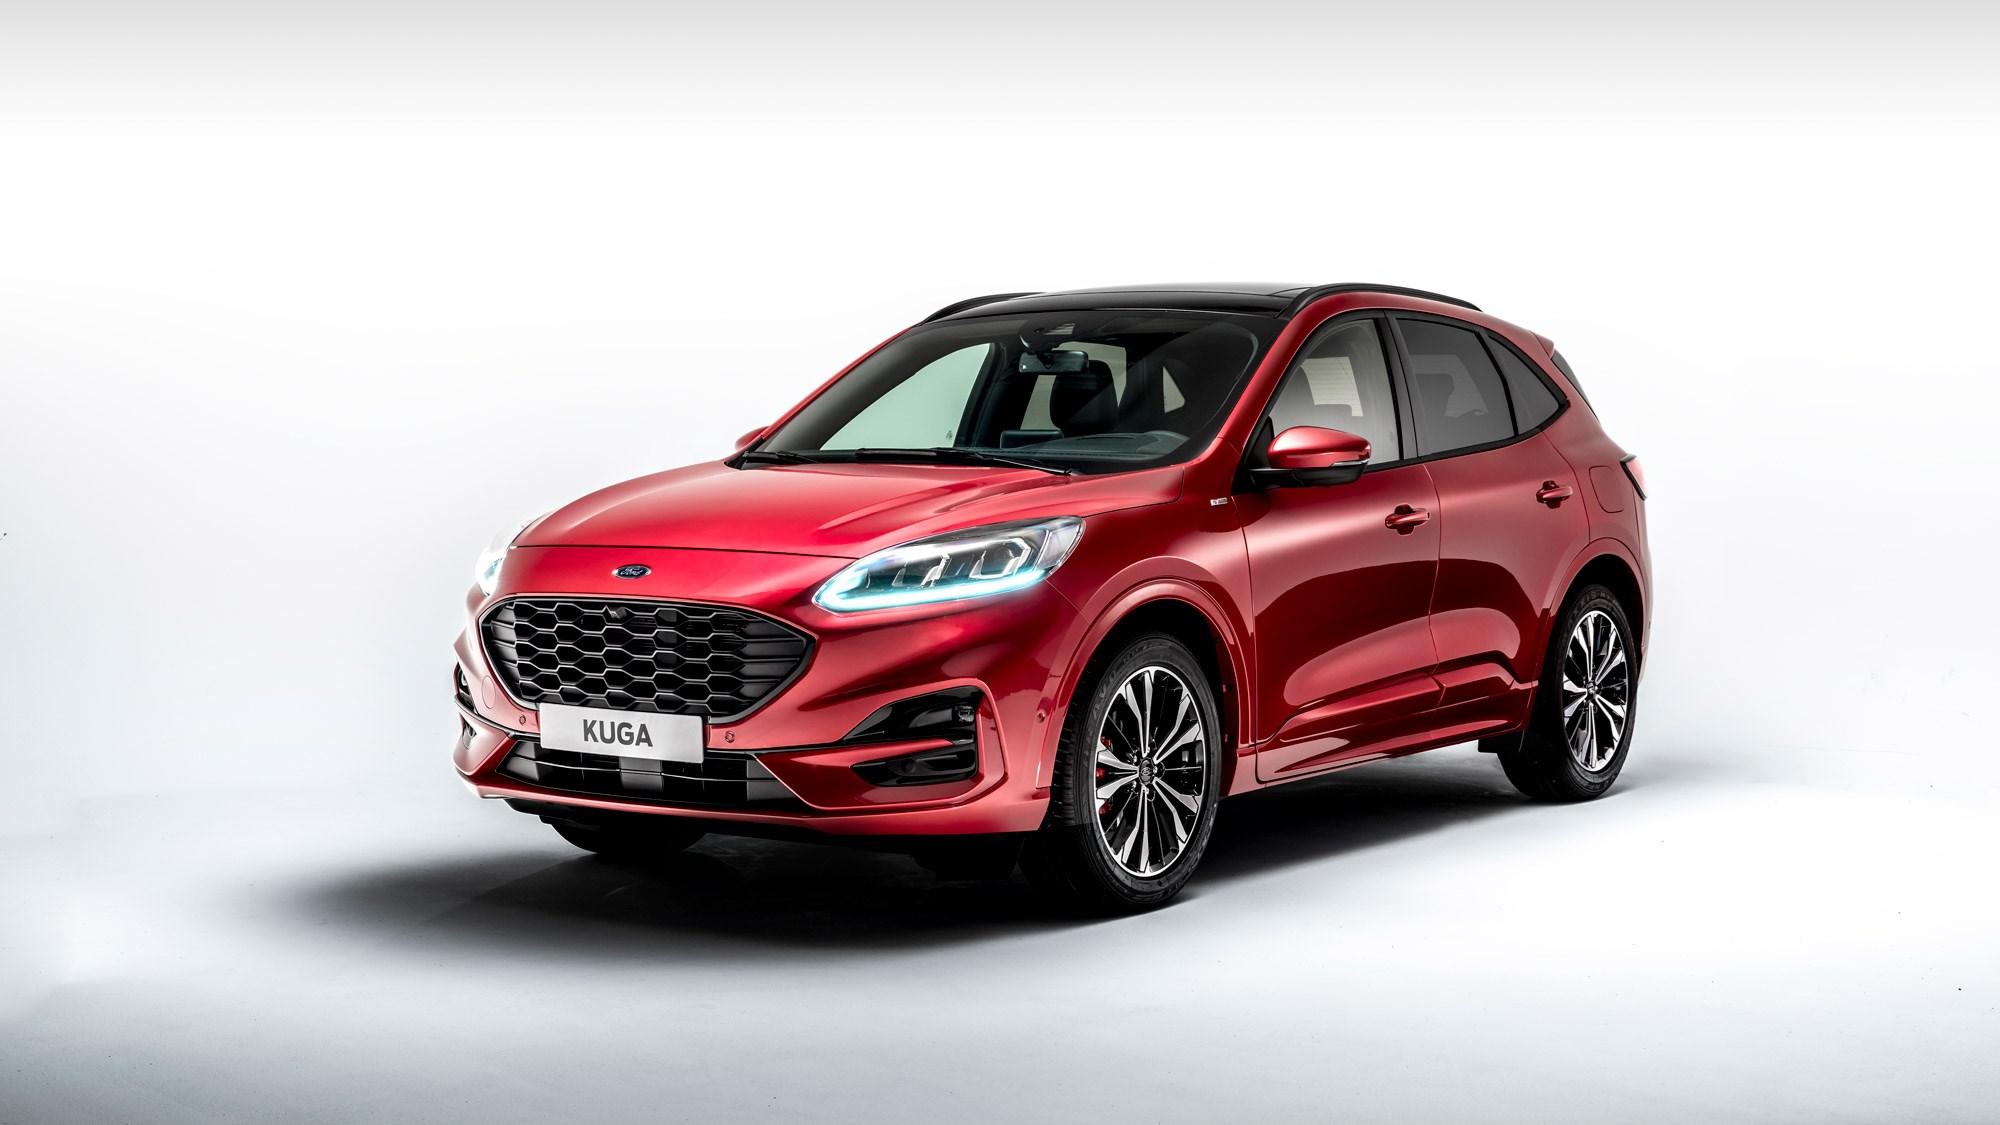 New 2019 Ford Kuga And PHEV